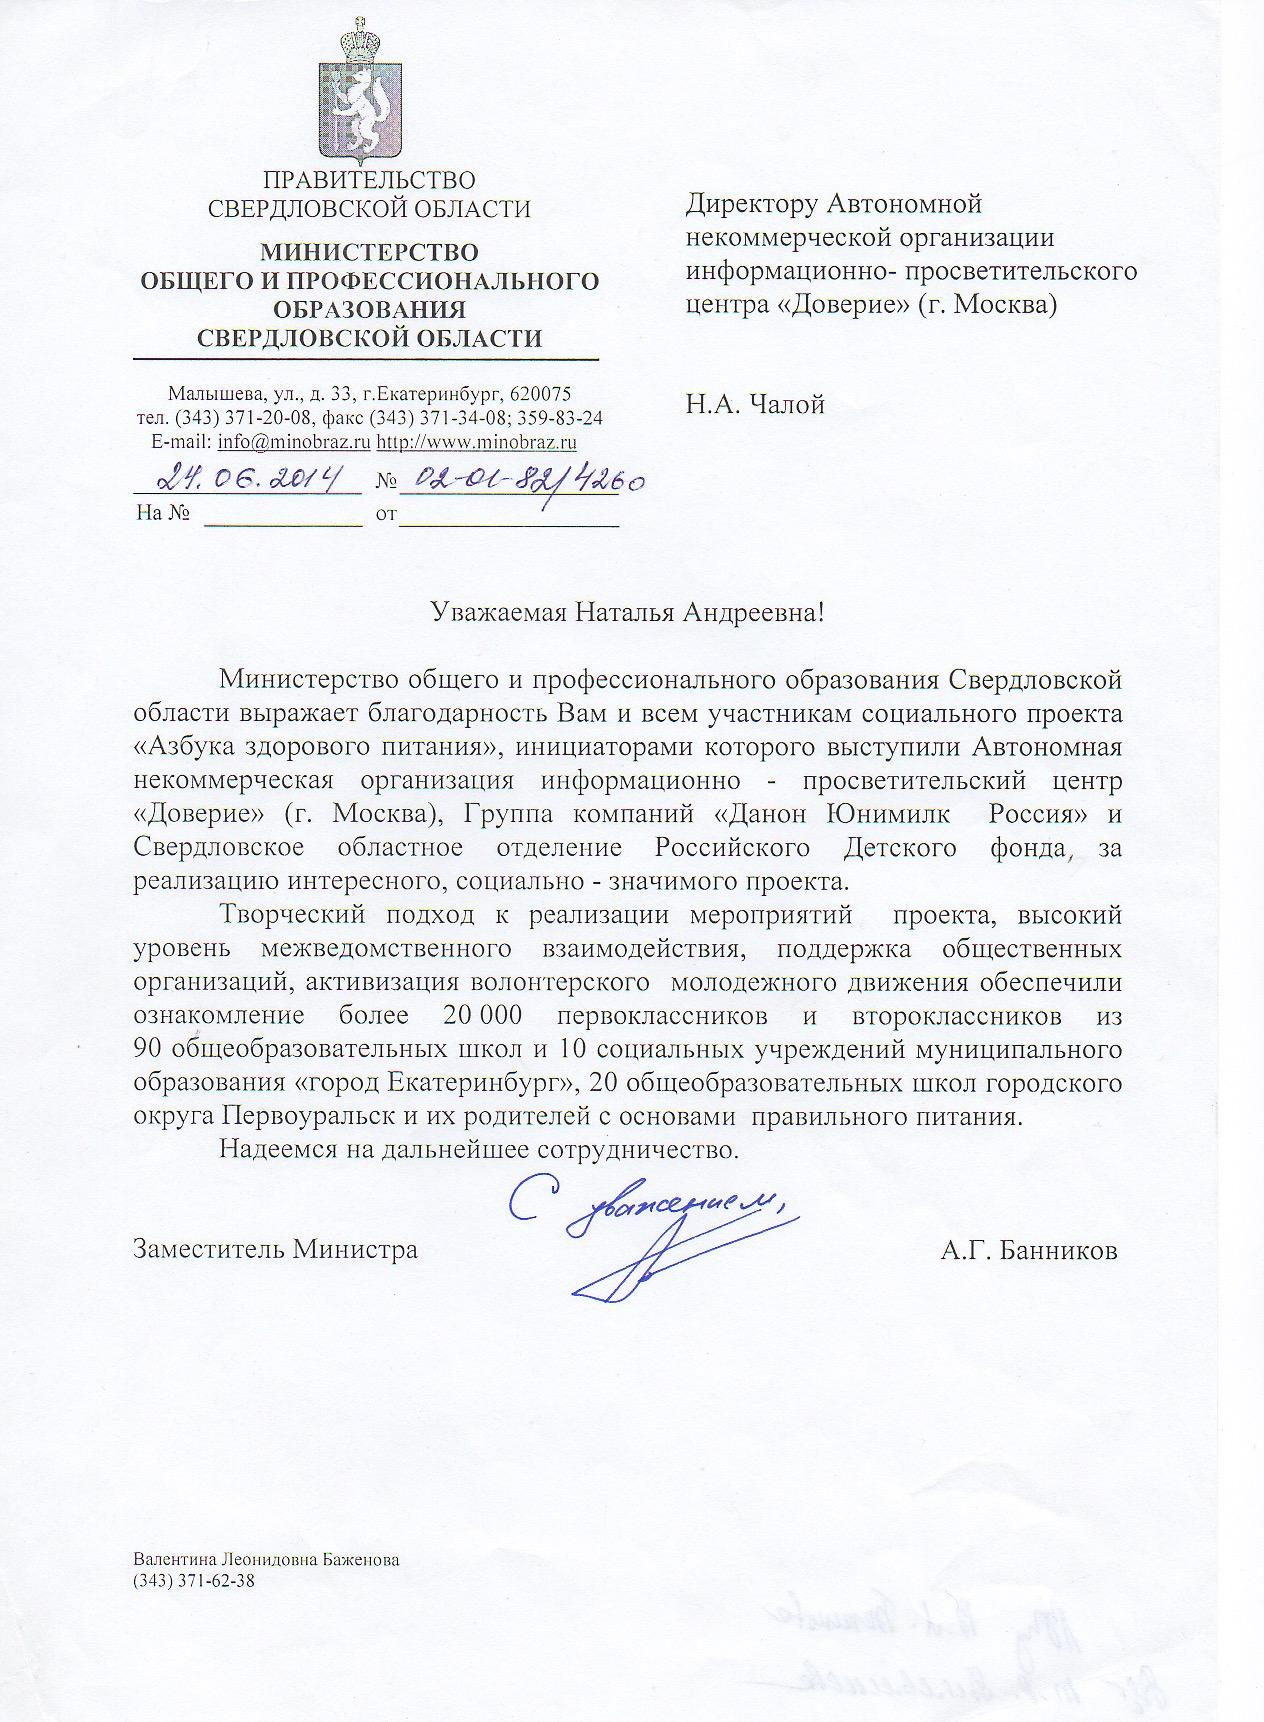 Екатеринбург 2014 год